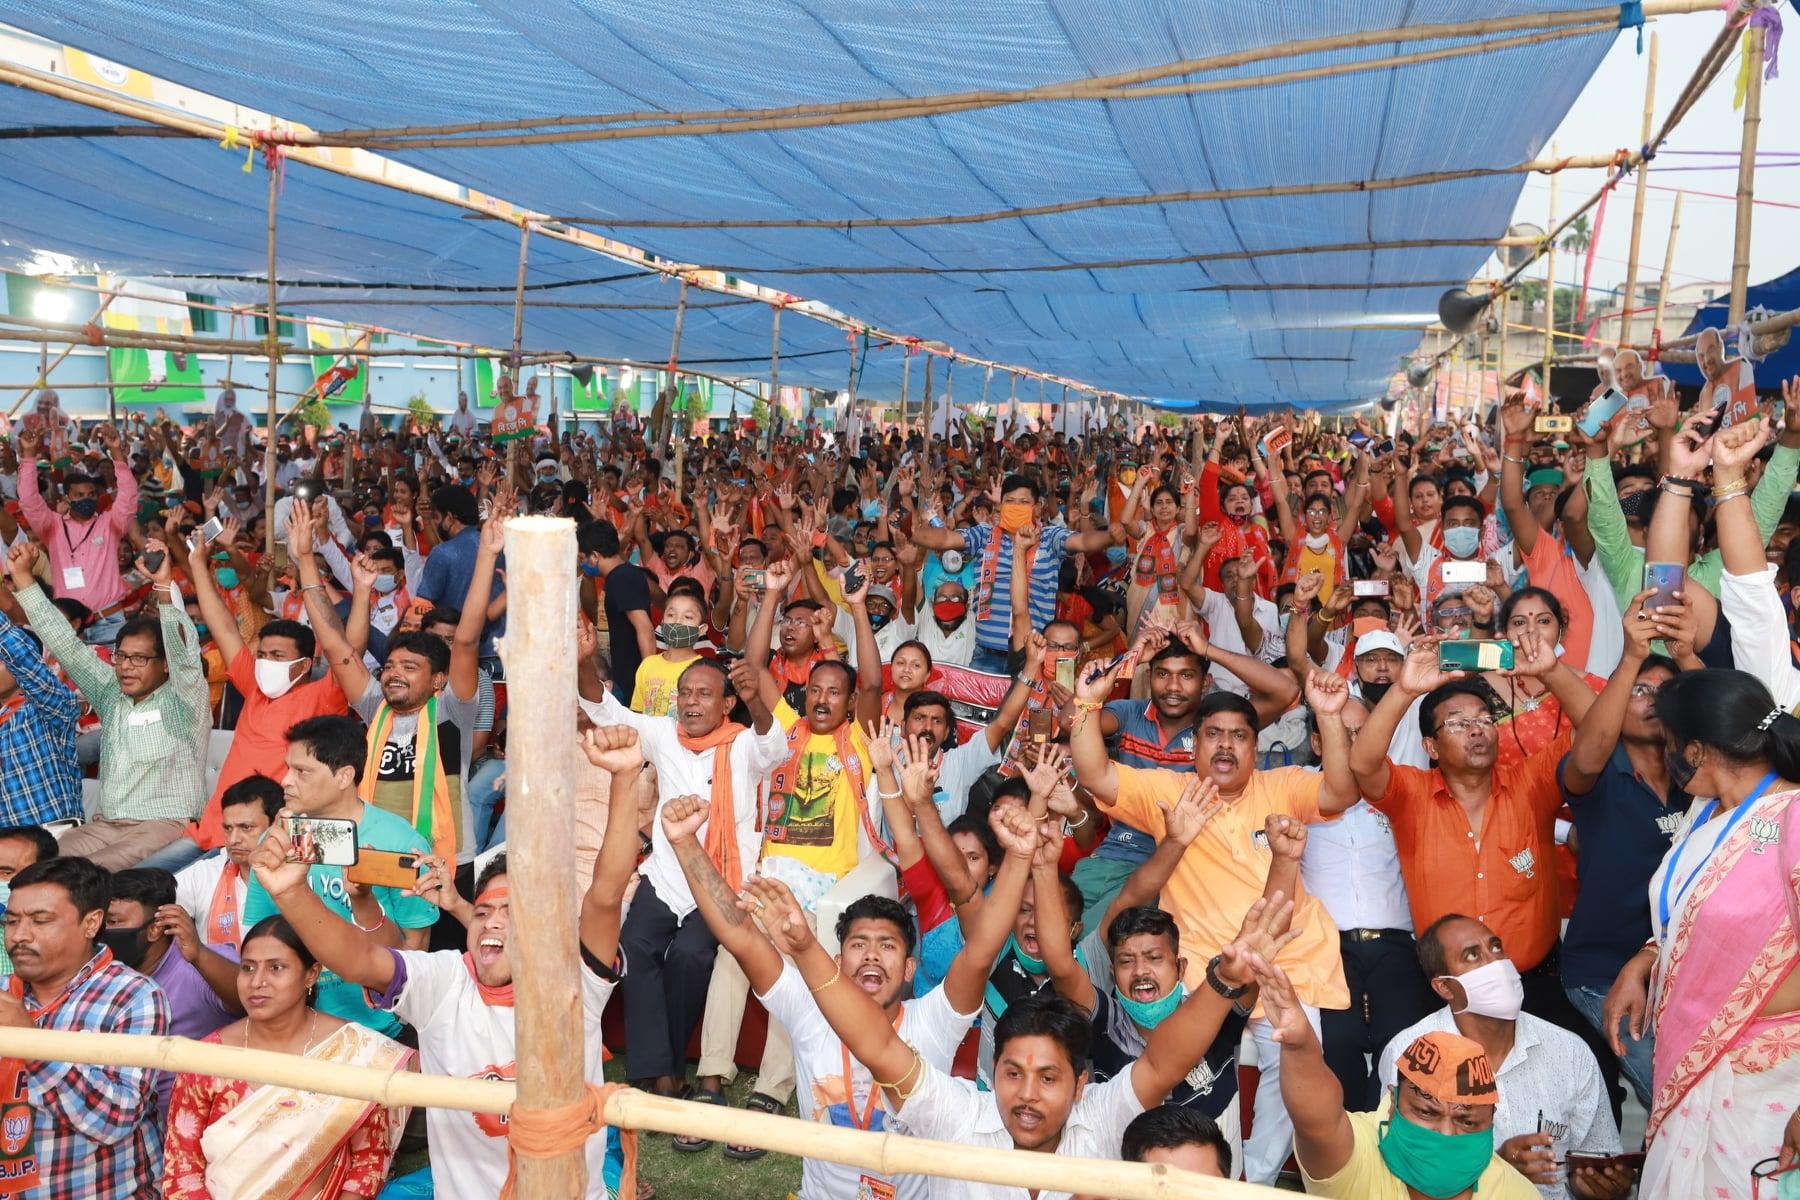 कोविड 19 की दूसरी लहर के बीच बीते दिनों पश्चिम बंगाल की एक चुनावी रैली में जुटी भीड़. (प्रतीकात्मक फोटो: फेसबुक)